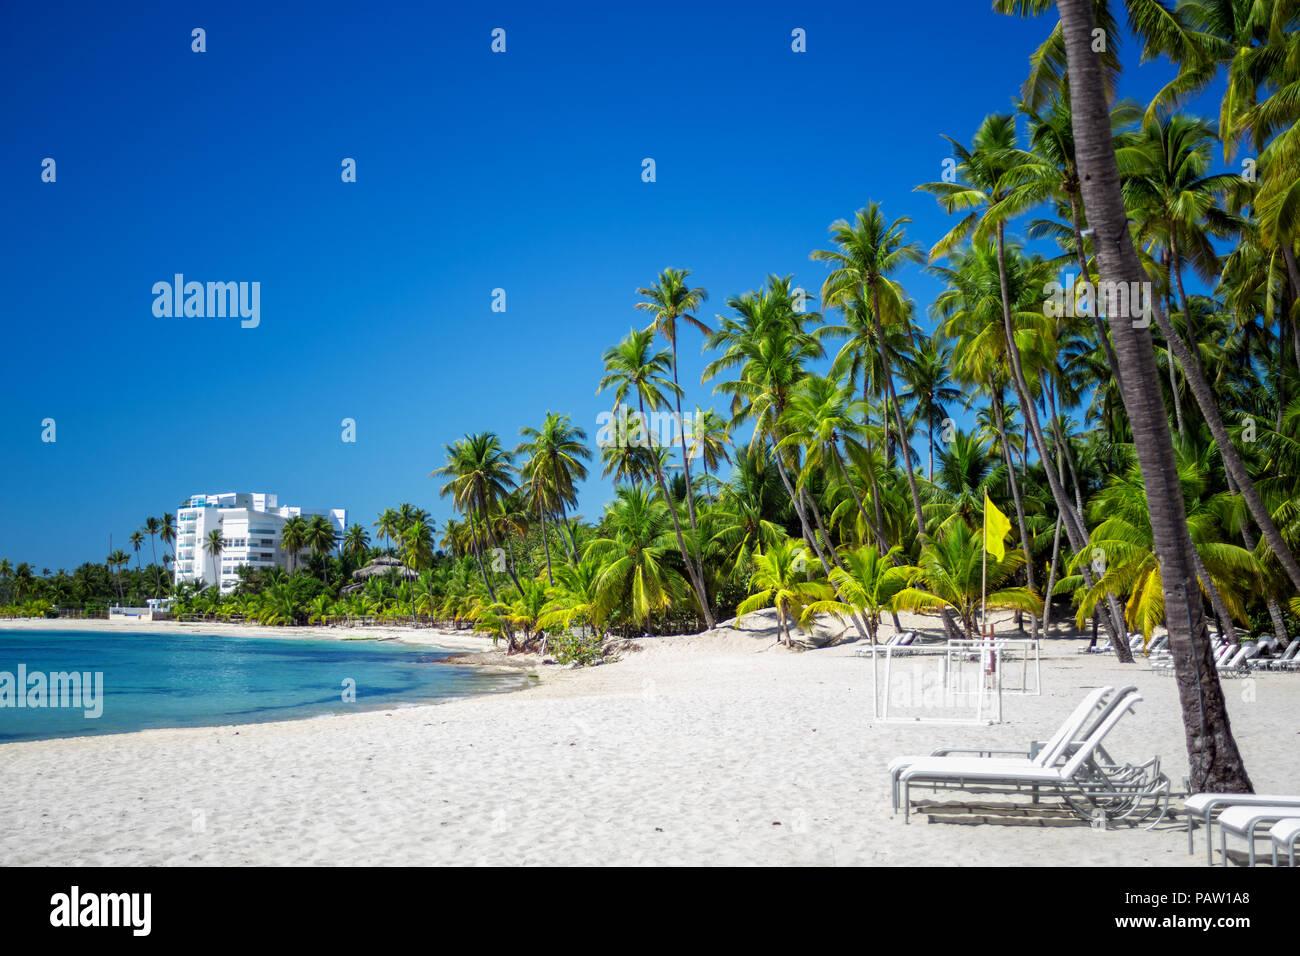 Il luogo più cool per le vacanze. Ideale vuoto spiaggia dei Caraibi Immagini Stock